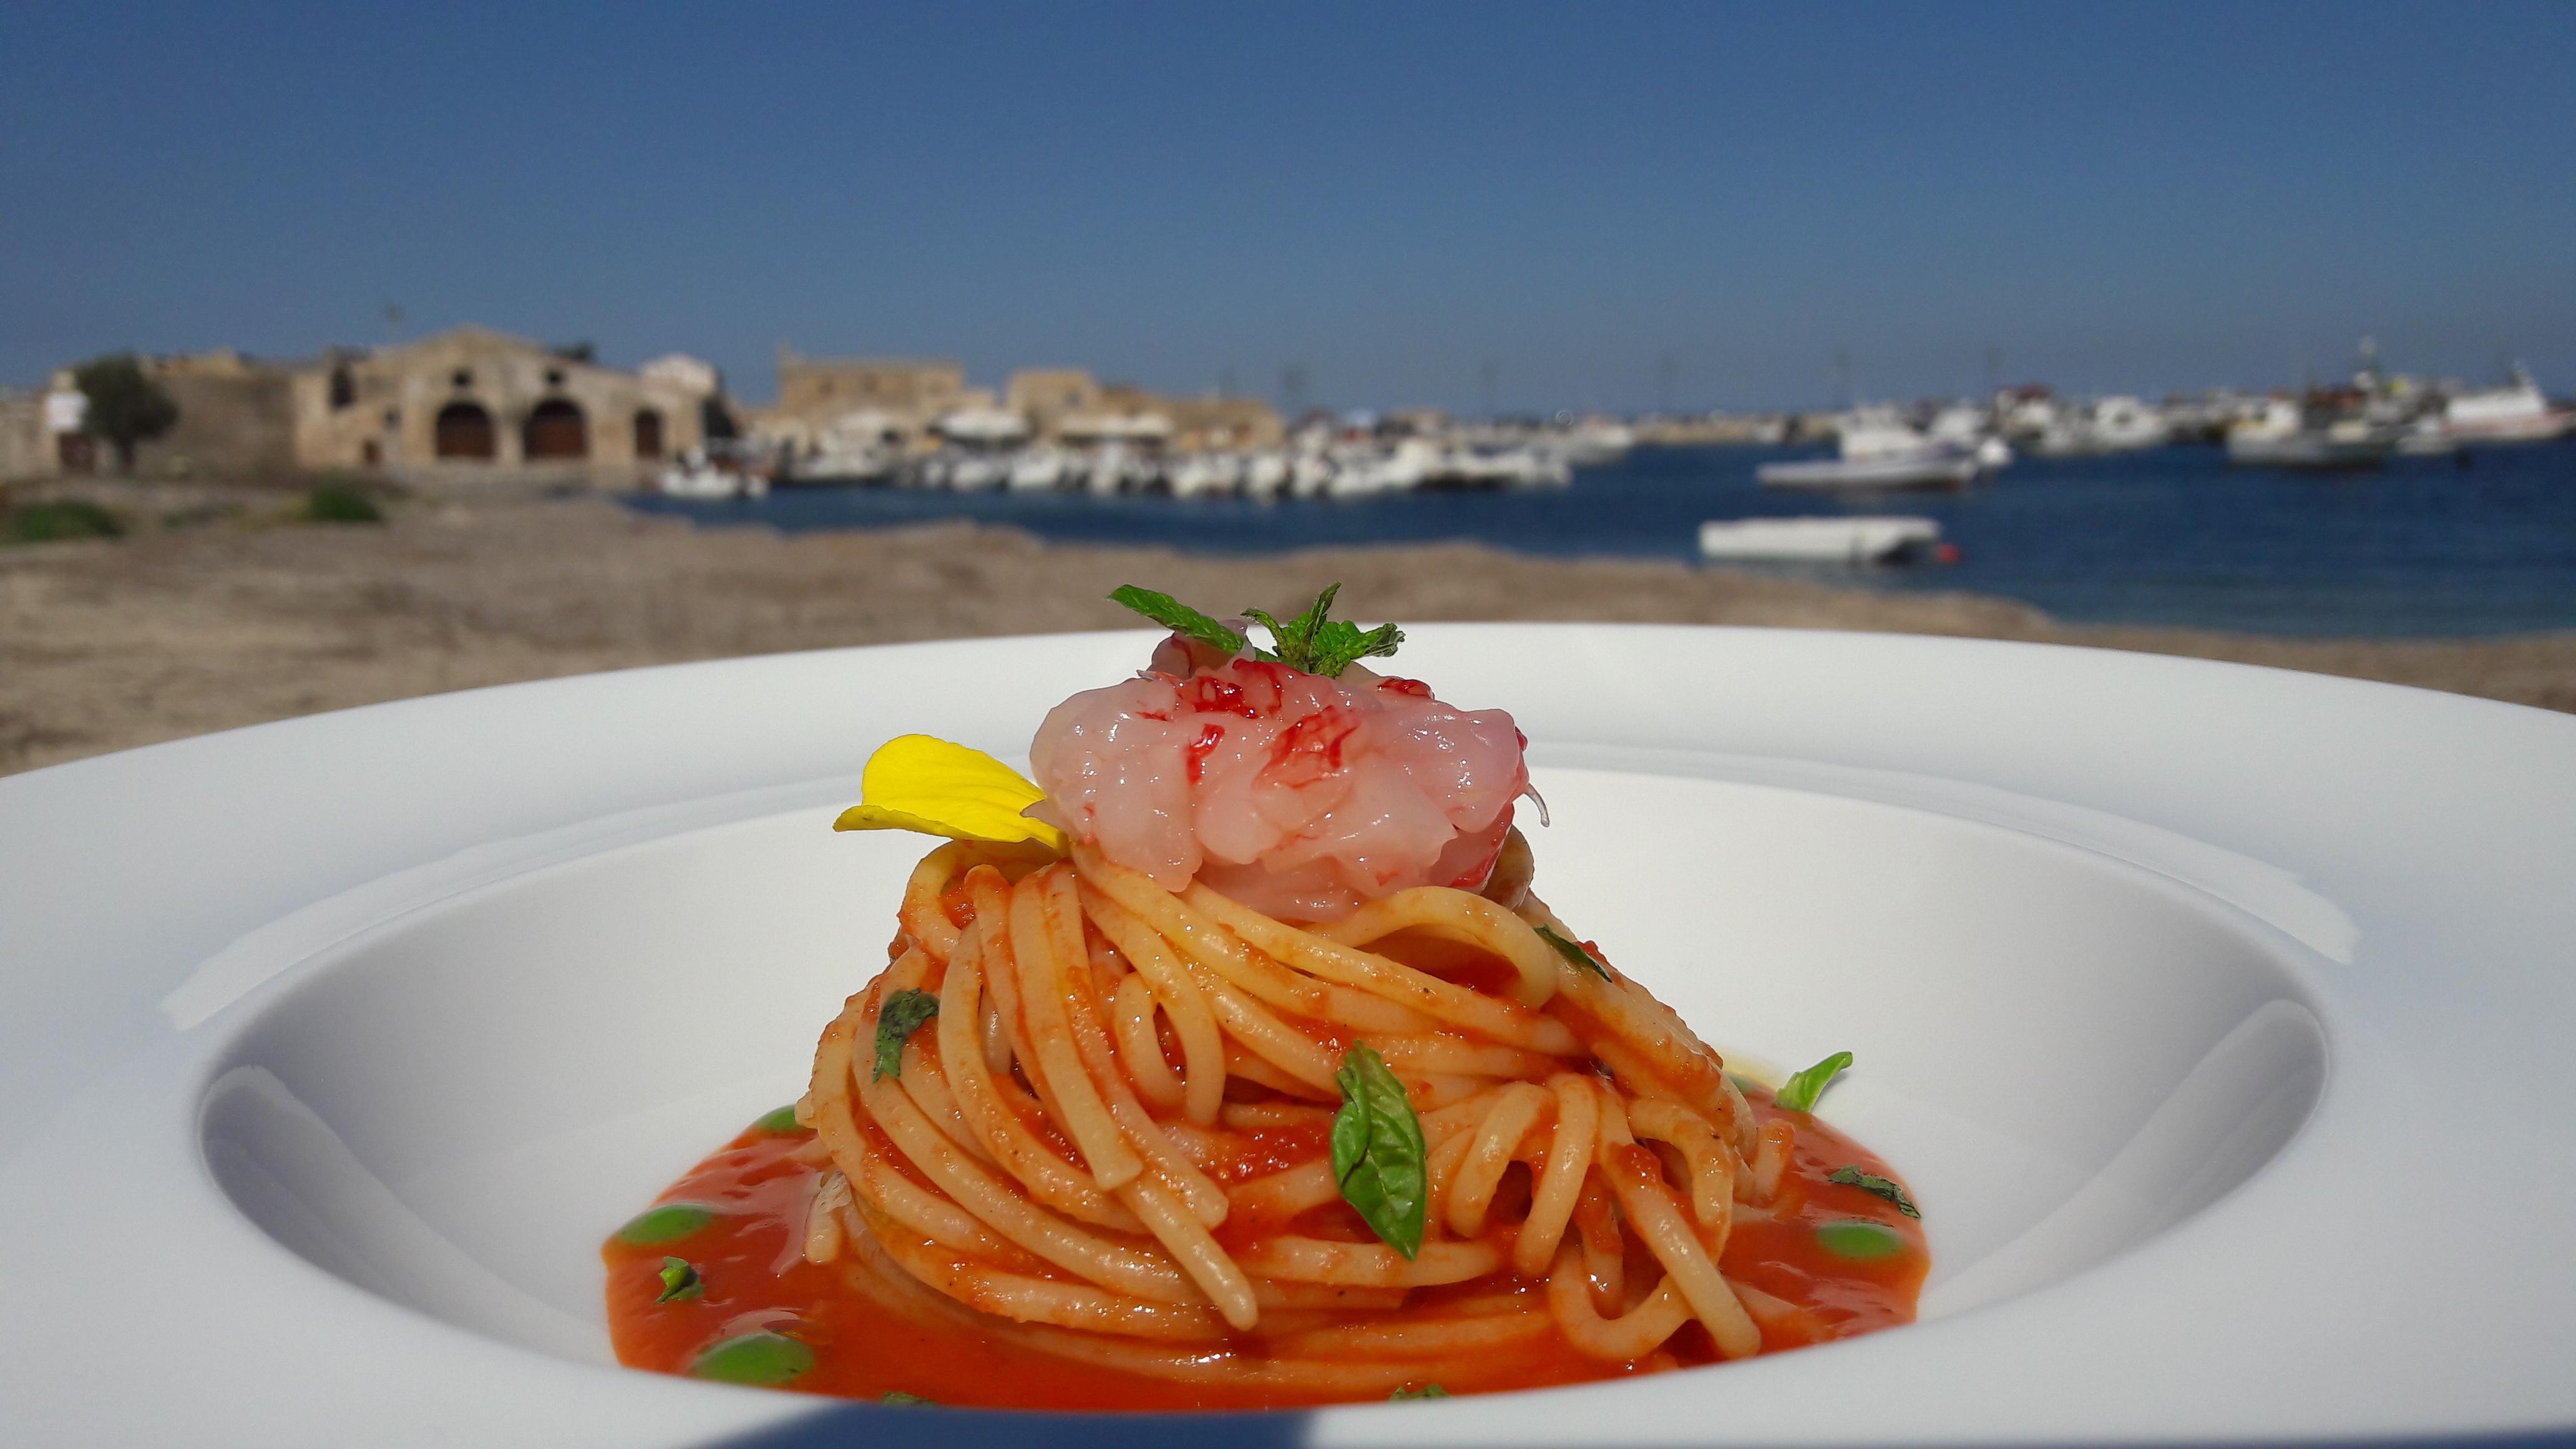 La ricetta dello Chef Campisi: un gustosissimo primo piatto. Oggi prepariamo insieme a voi gli Spaghetti con salsa di pomodoro ciliegino di Pachino IGP con tartare di gambero rosso e foglie di menta.